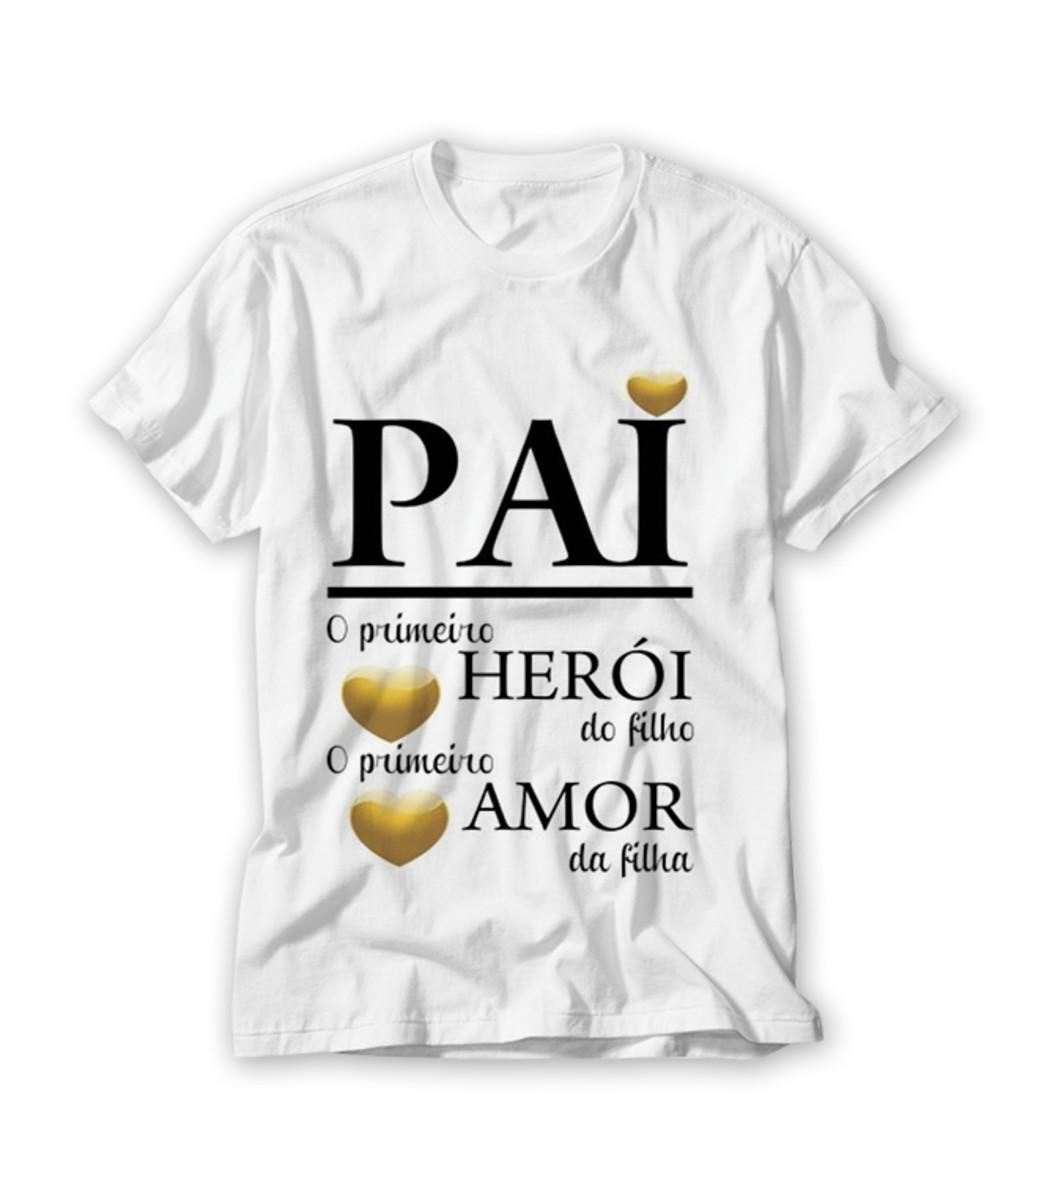 037ecc10ec Camiseta Dia dos Pais no Elo7